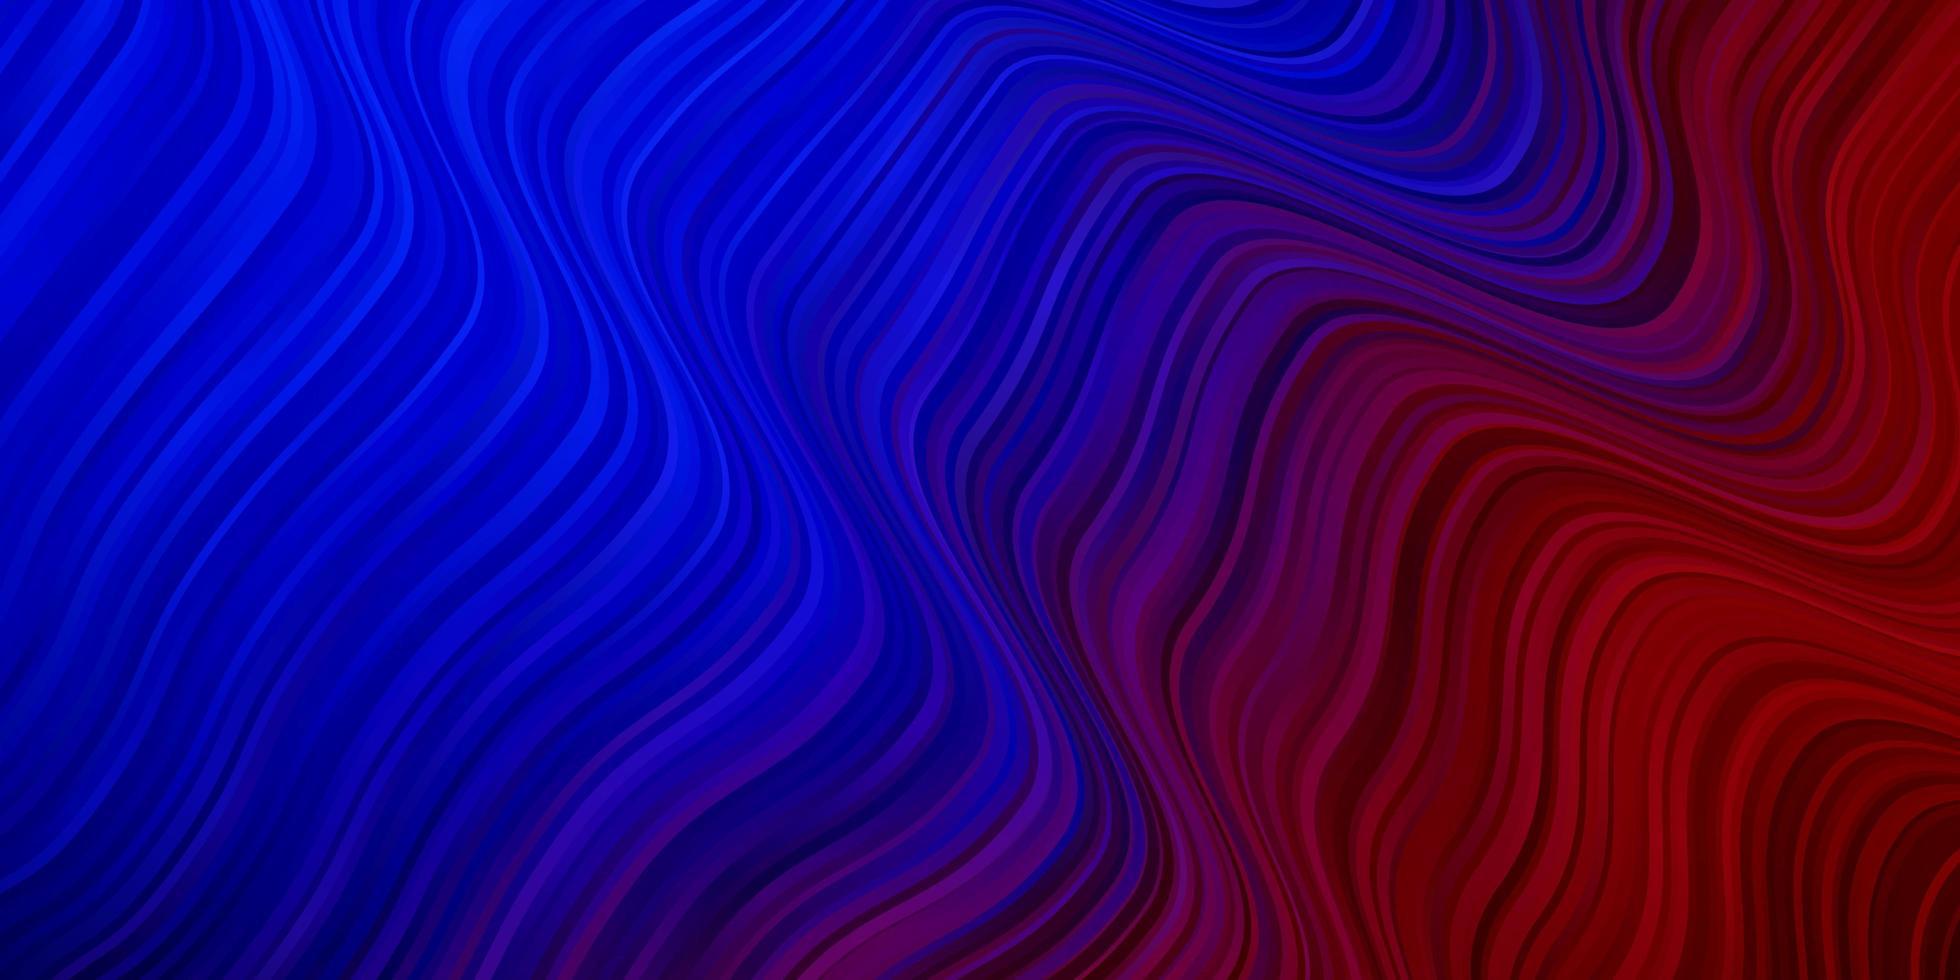 trama vettoriale blu chiaro, rosso con linee ironiche.